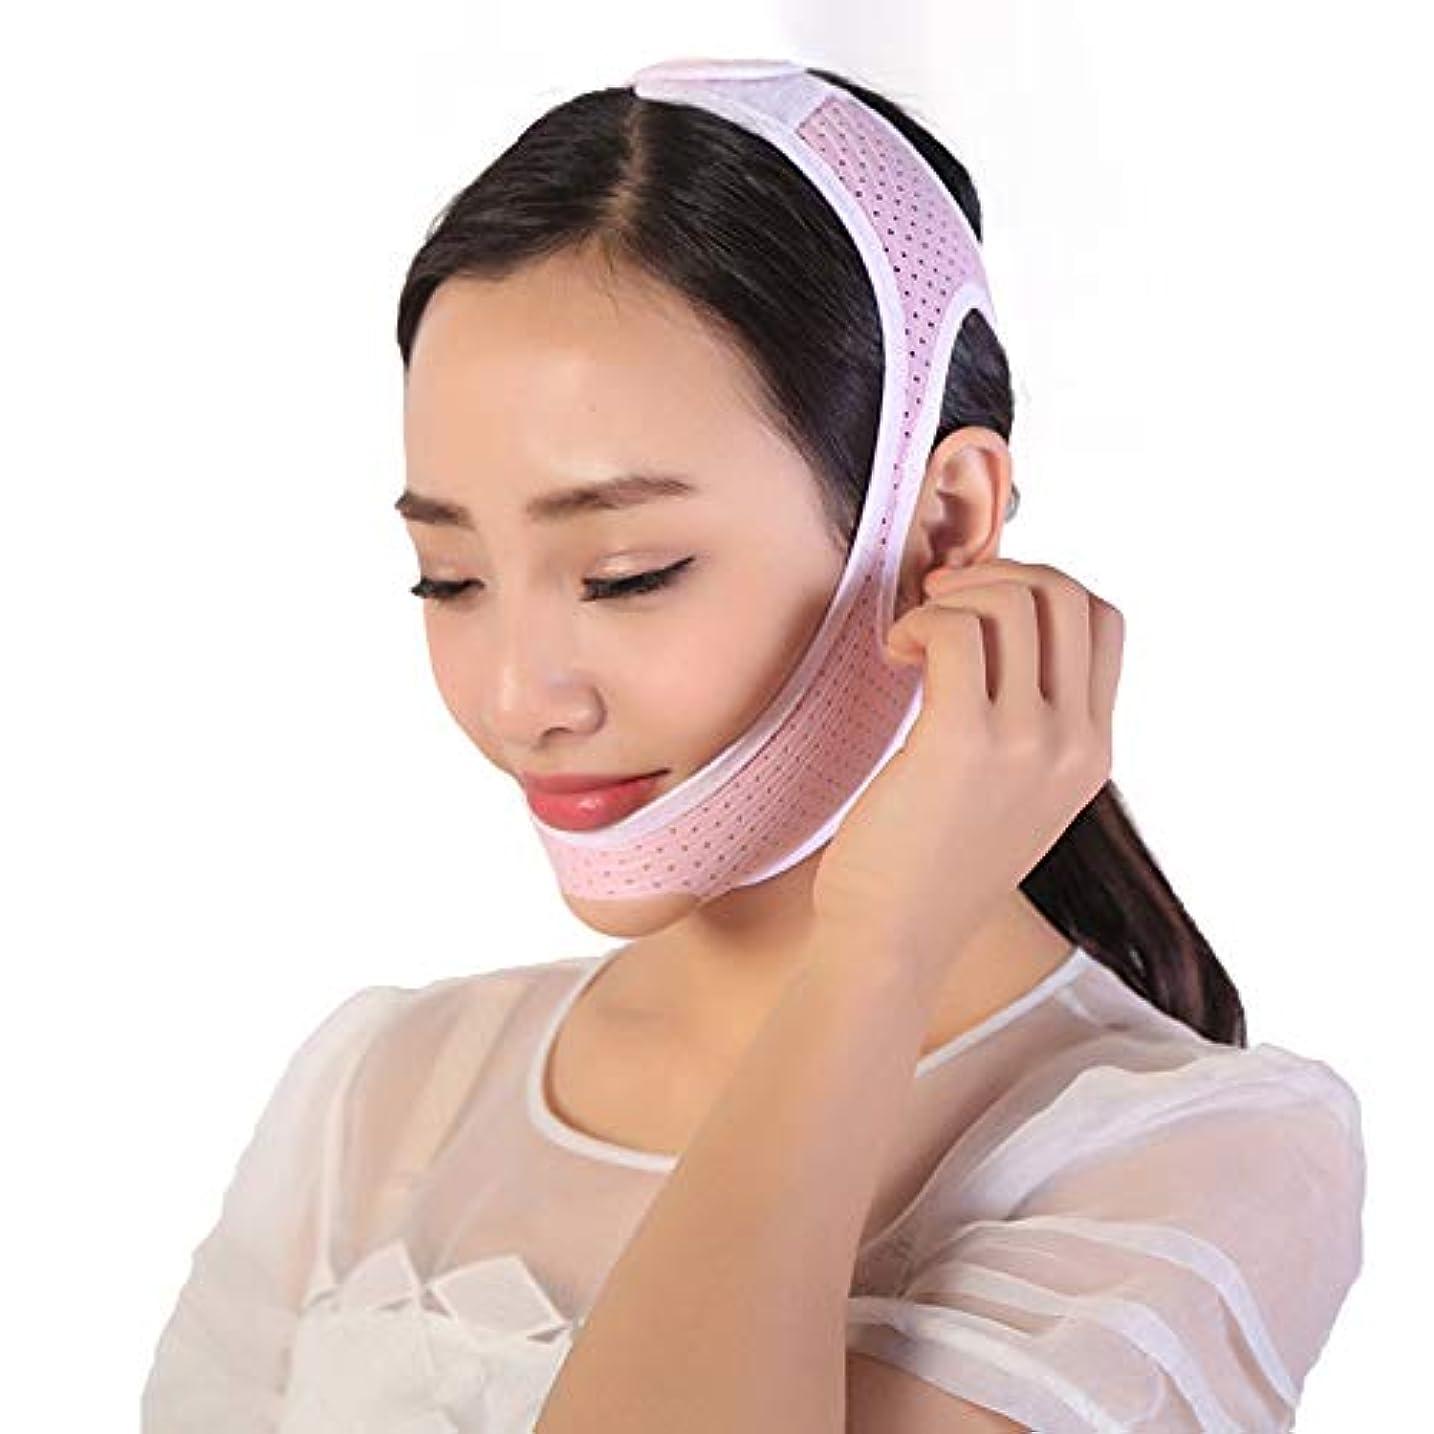 ディスコグリース配管工Jia Jia- フェイシャルリフティングスリミングベルト - 薄型フェイス包帯ダブルチンデバイスフェイシャルマッサージアンチエイジングリンクルフェイスマスクベルト 顔面包帯 (サイズ さいず : L l)